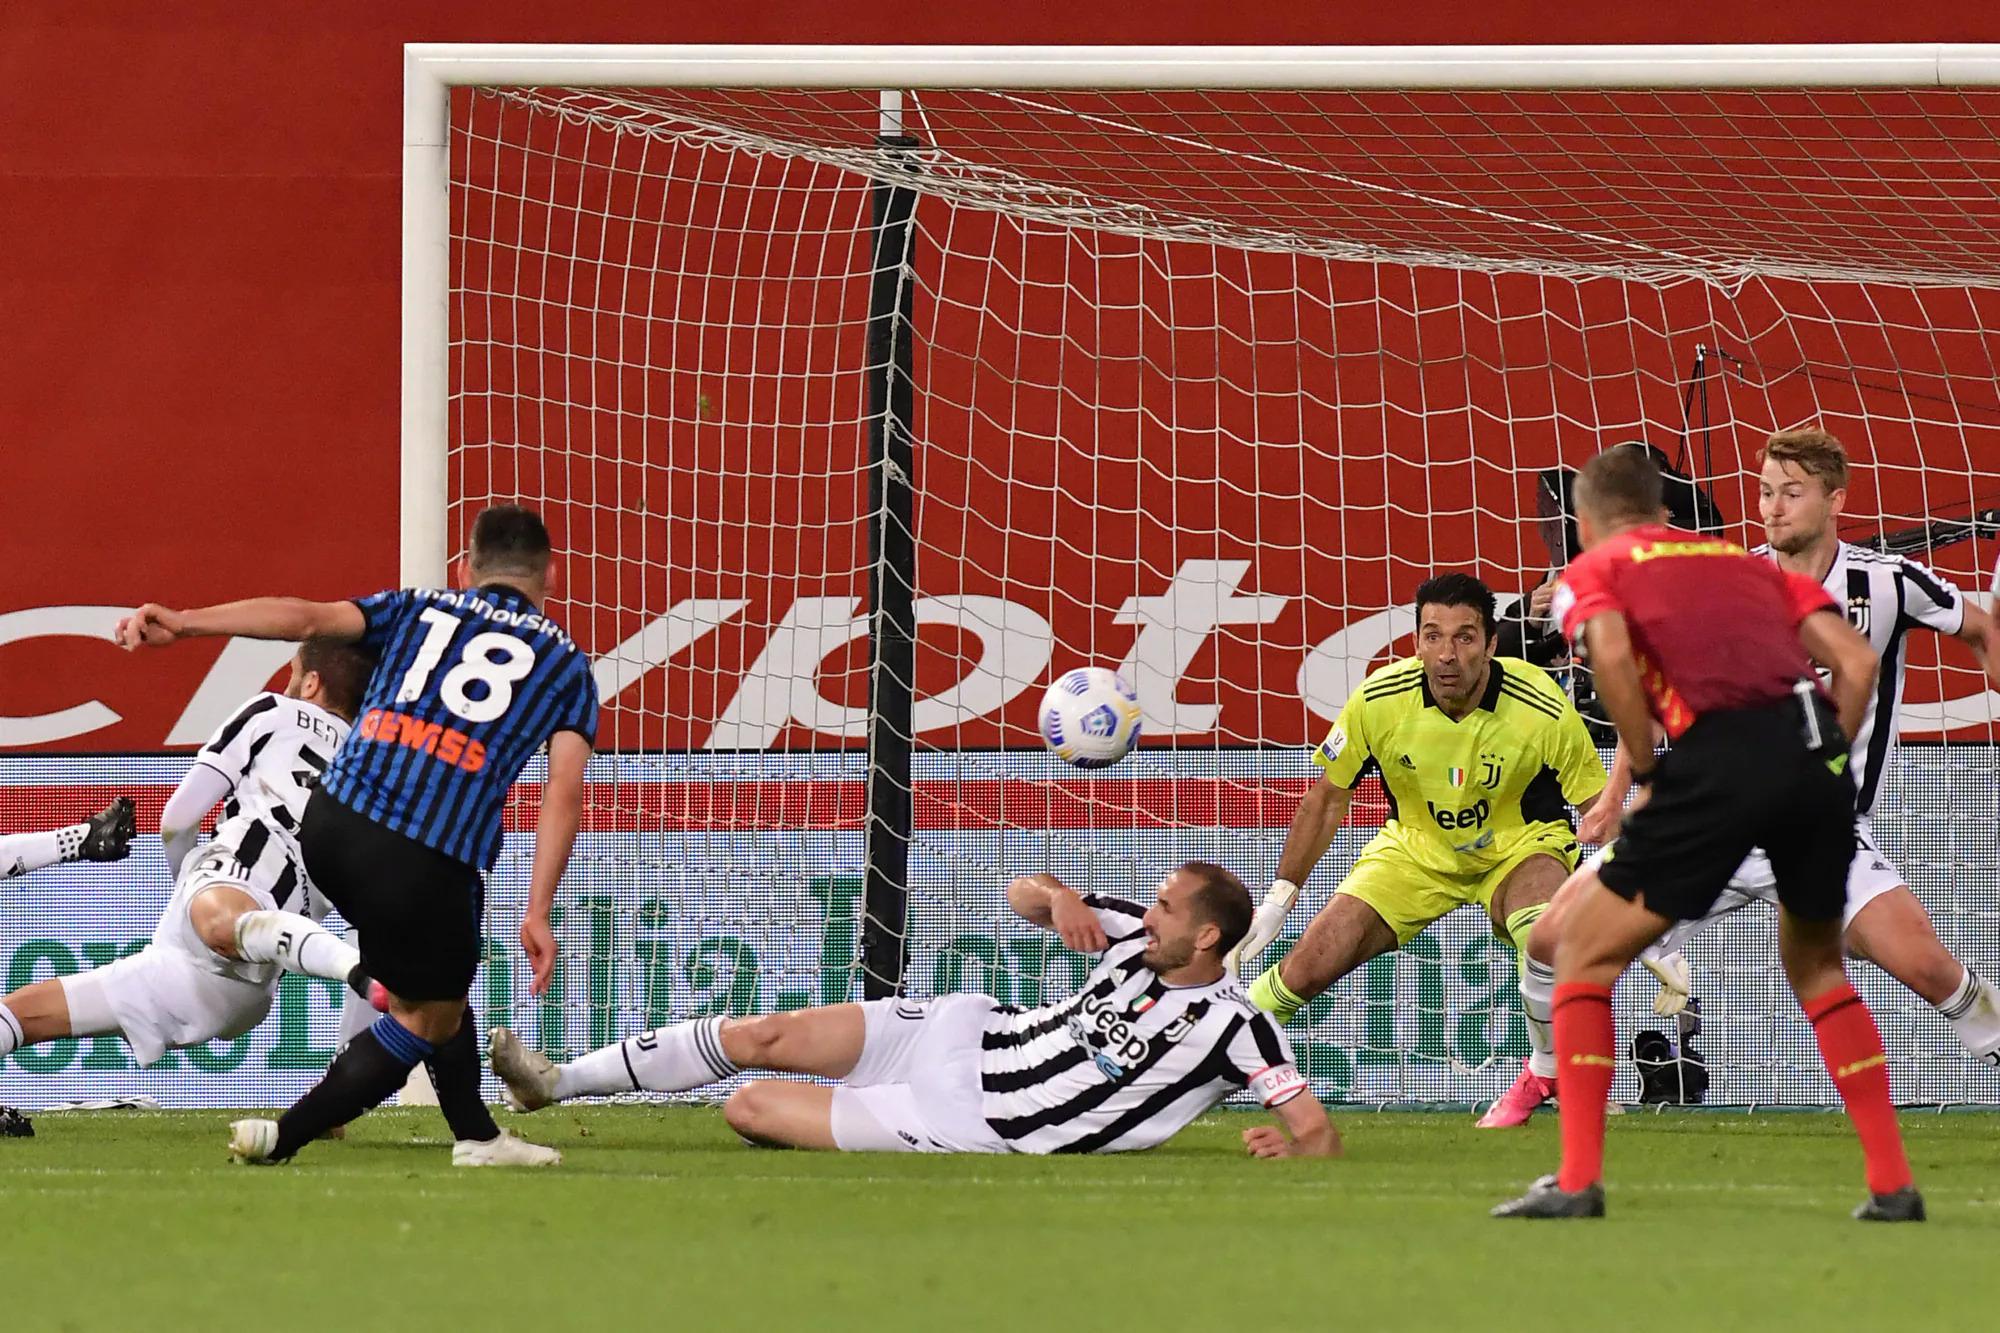 Atalanta adalah pencetak gol terbanyak di Serie A musim ini dengan 90 gol, tetapi di Mapei kemarin, mereka hanya kebobolan satu kali dari Juventus - berkat Malinovskyi.  Foto: ANSA